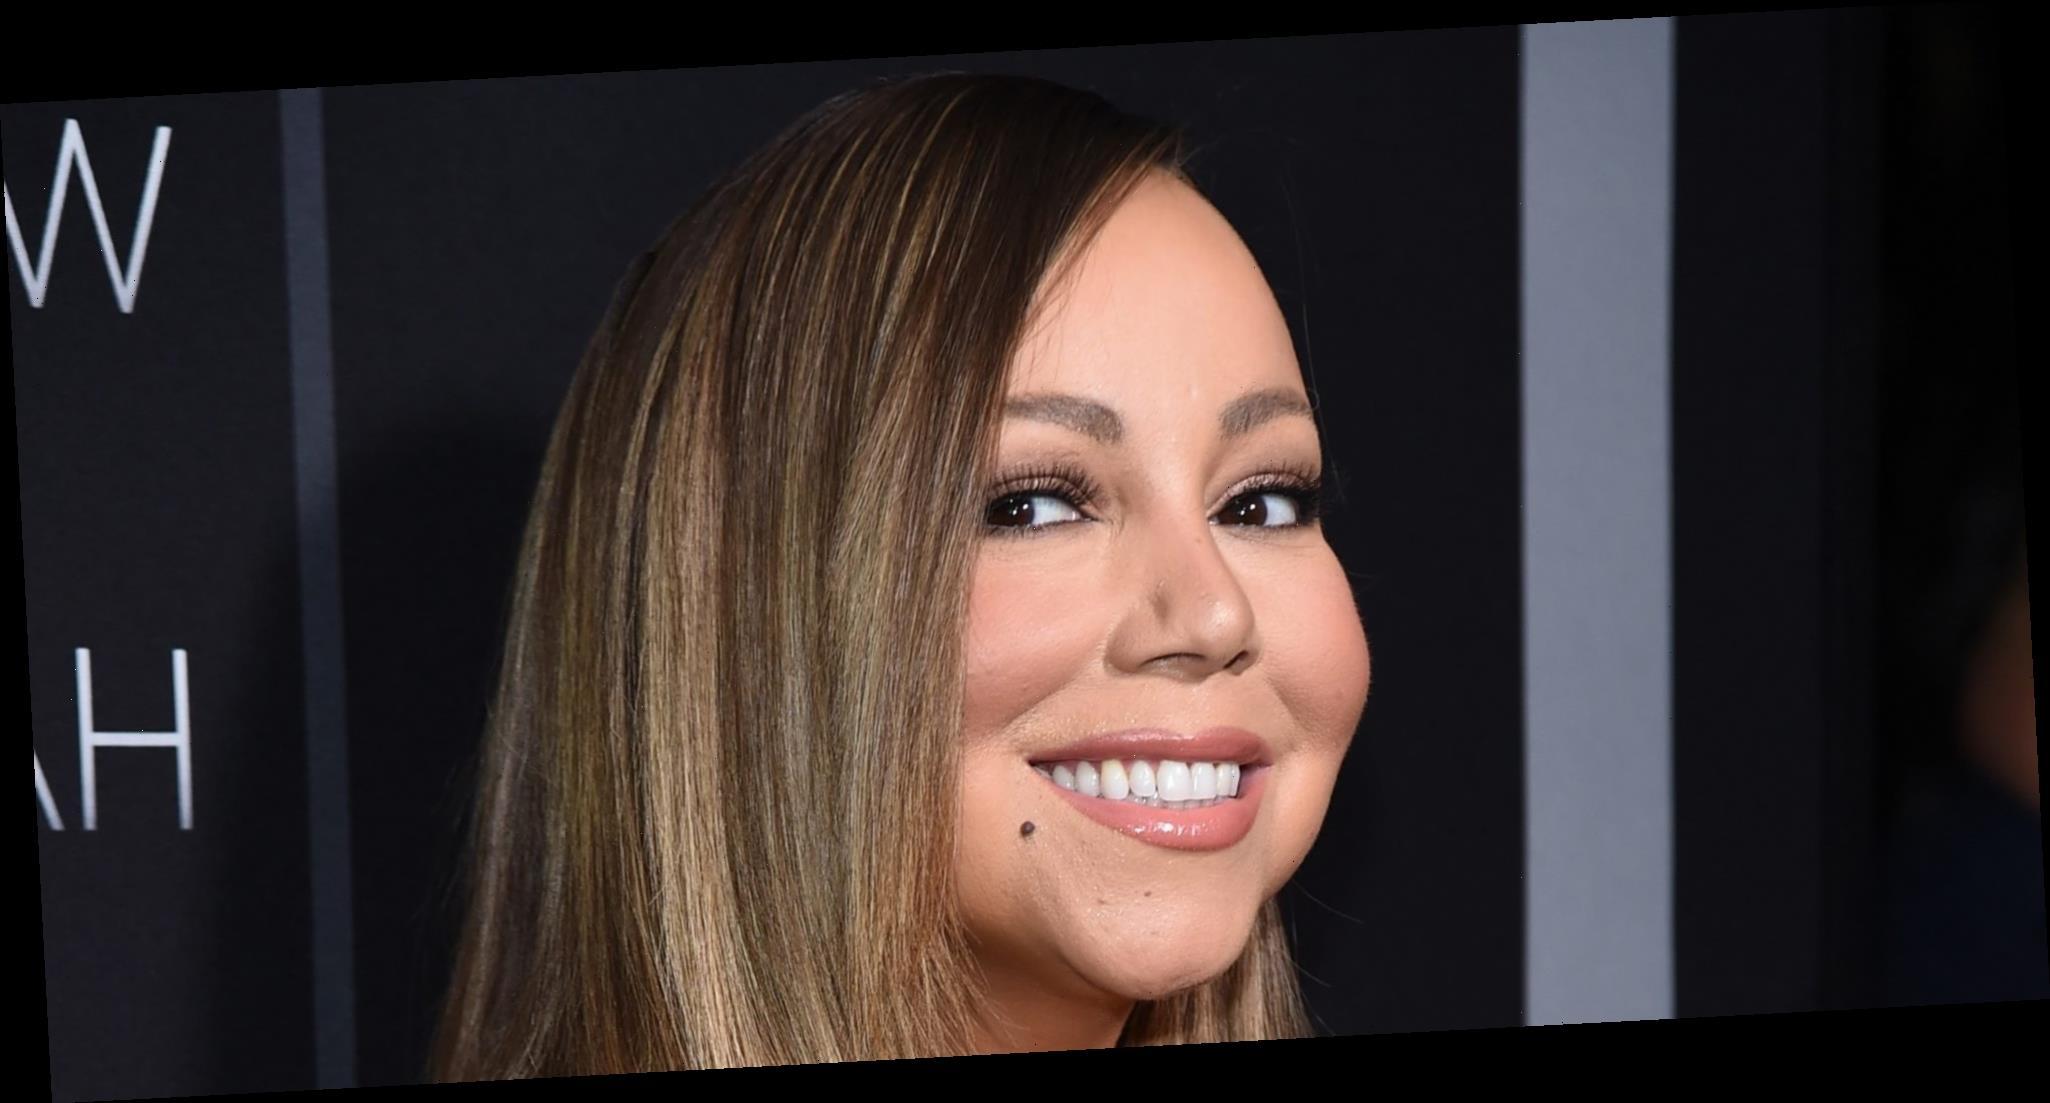 Is Mariah Carey Trolling Shawn Mendes on Instagram?